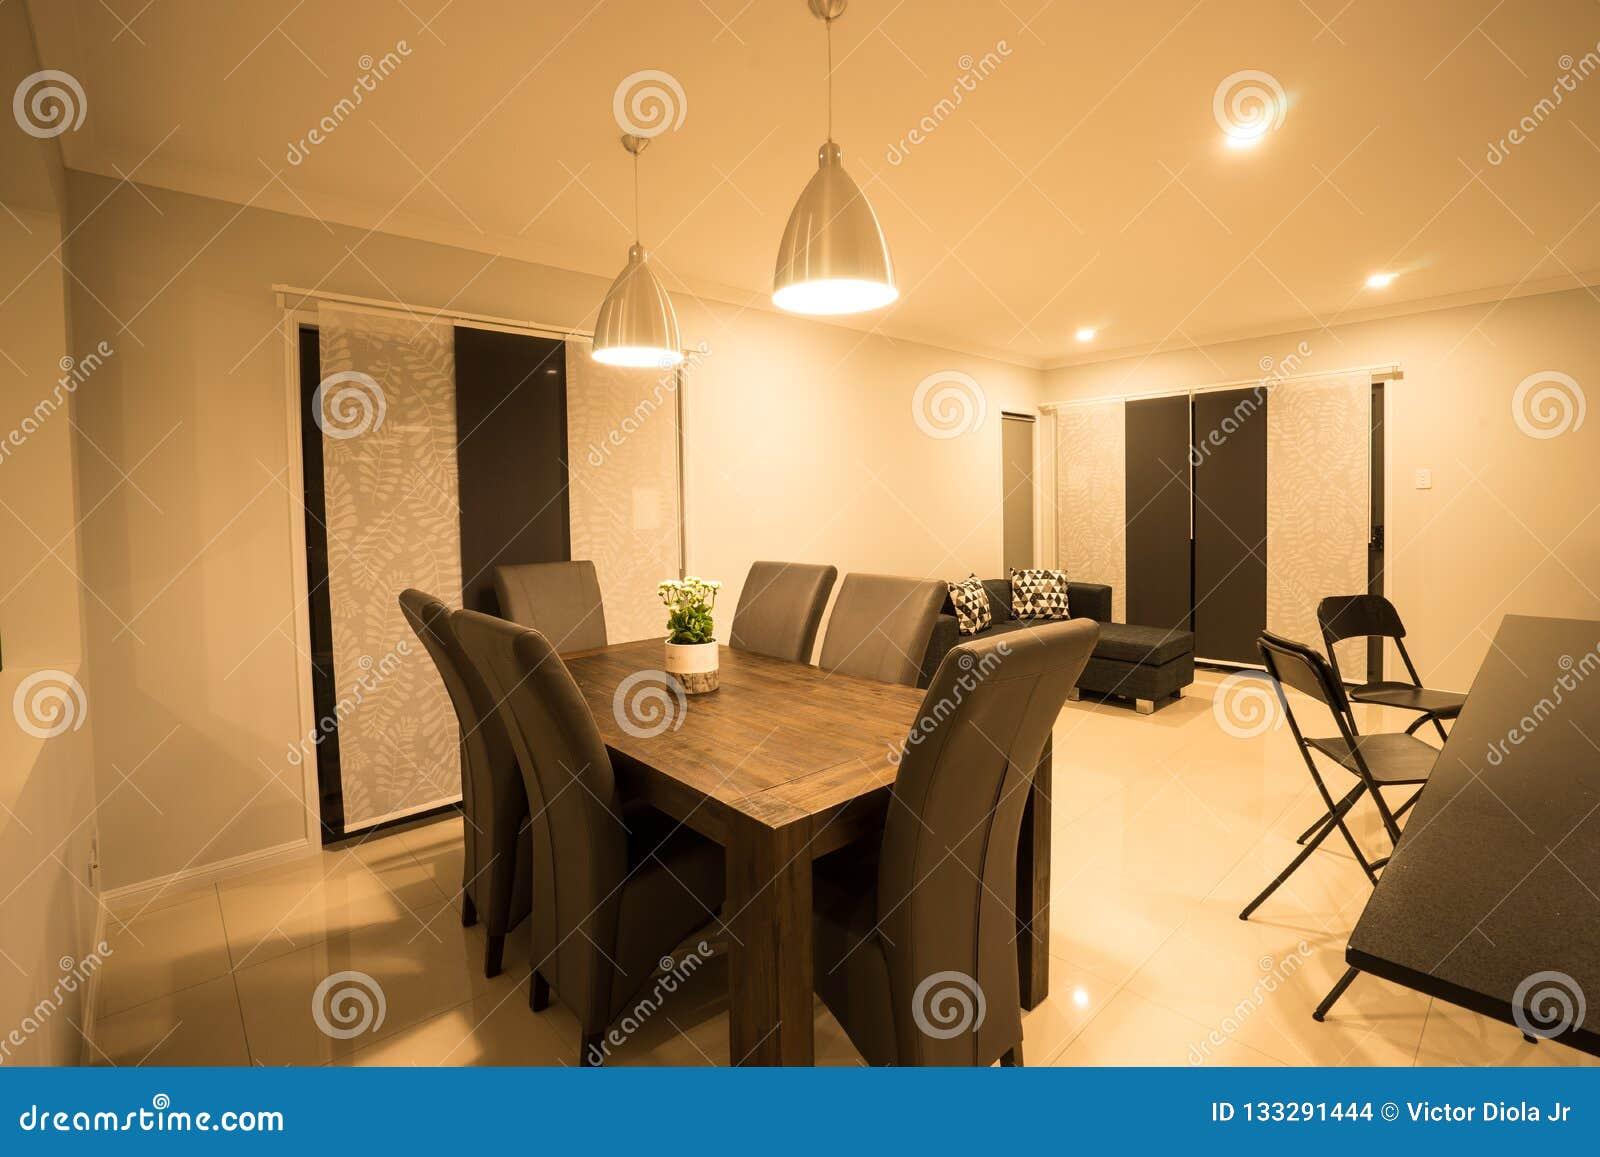 Modern modular lounge set with chaise sofas gumtree australia